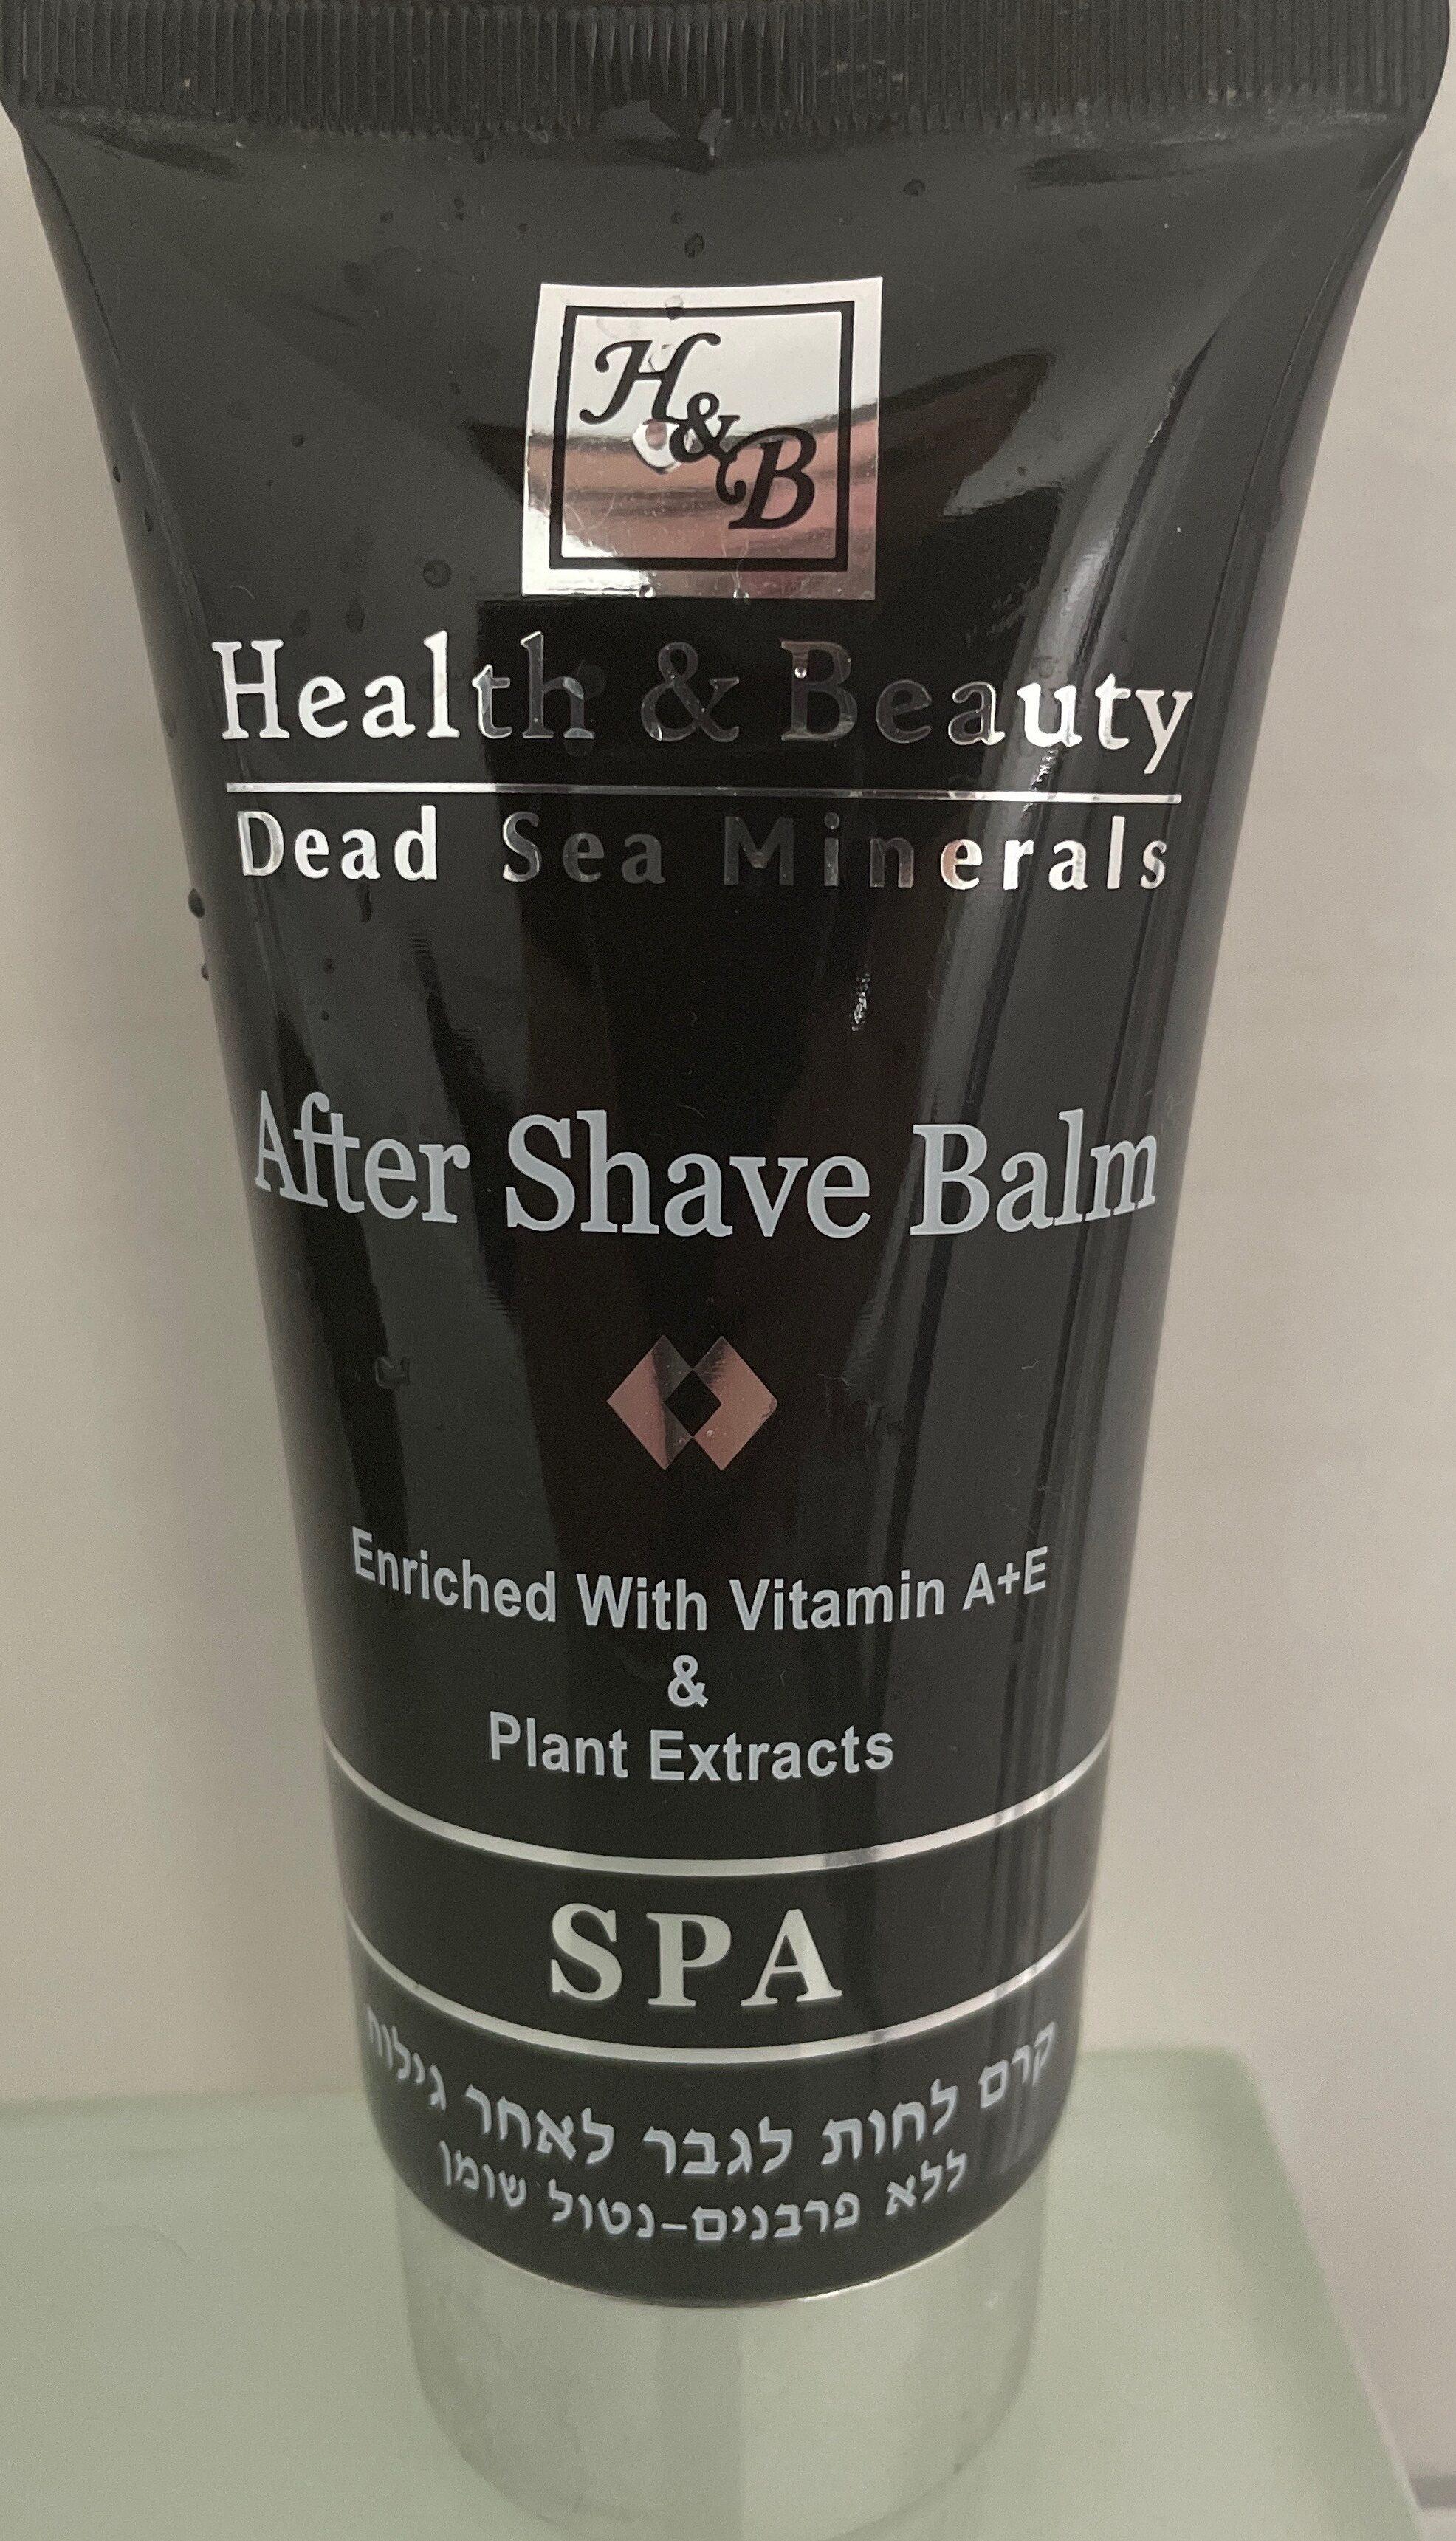 After Shave Balm - Product - de